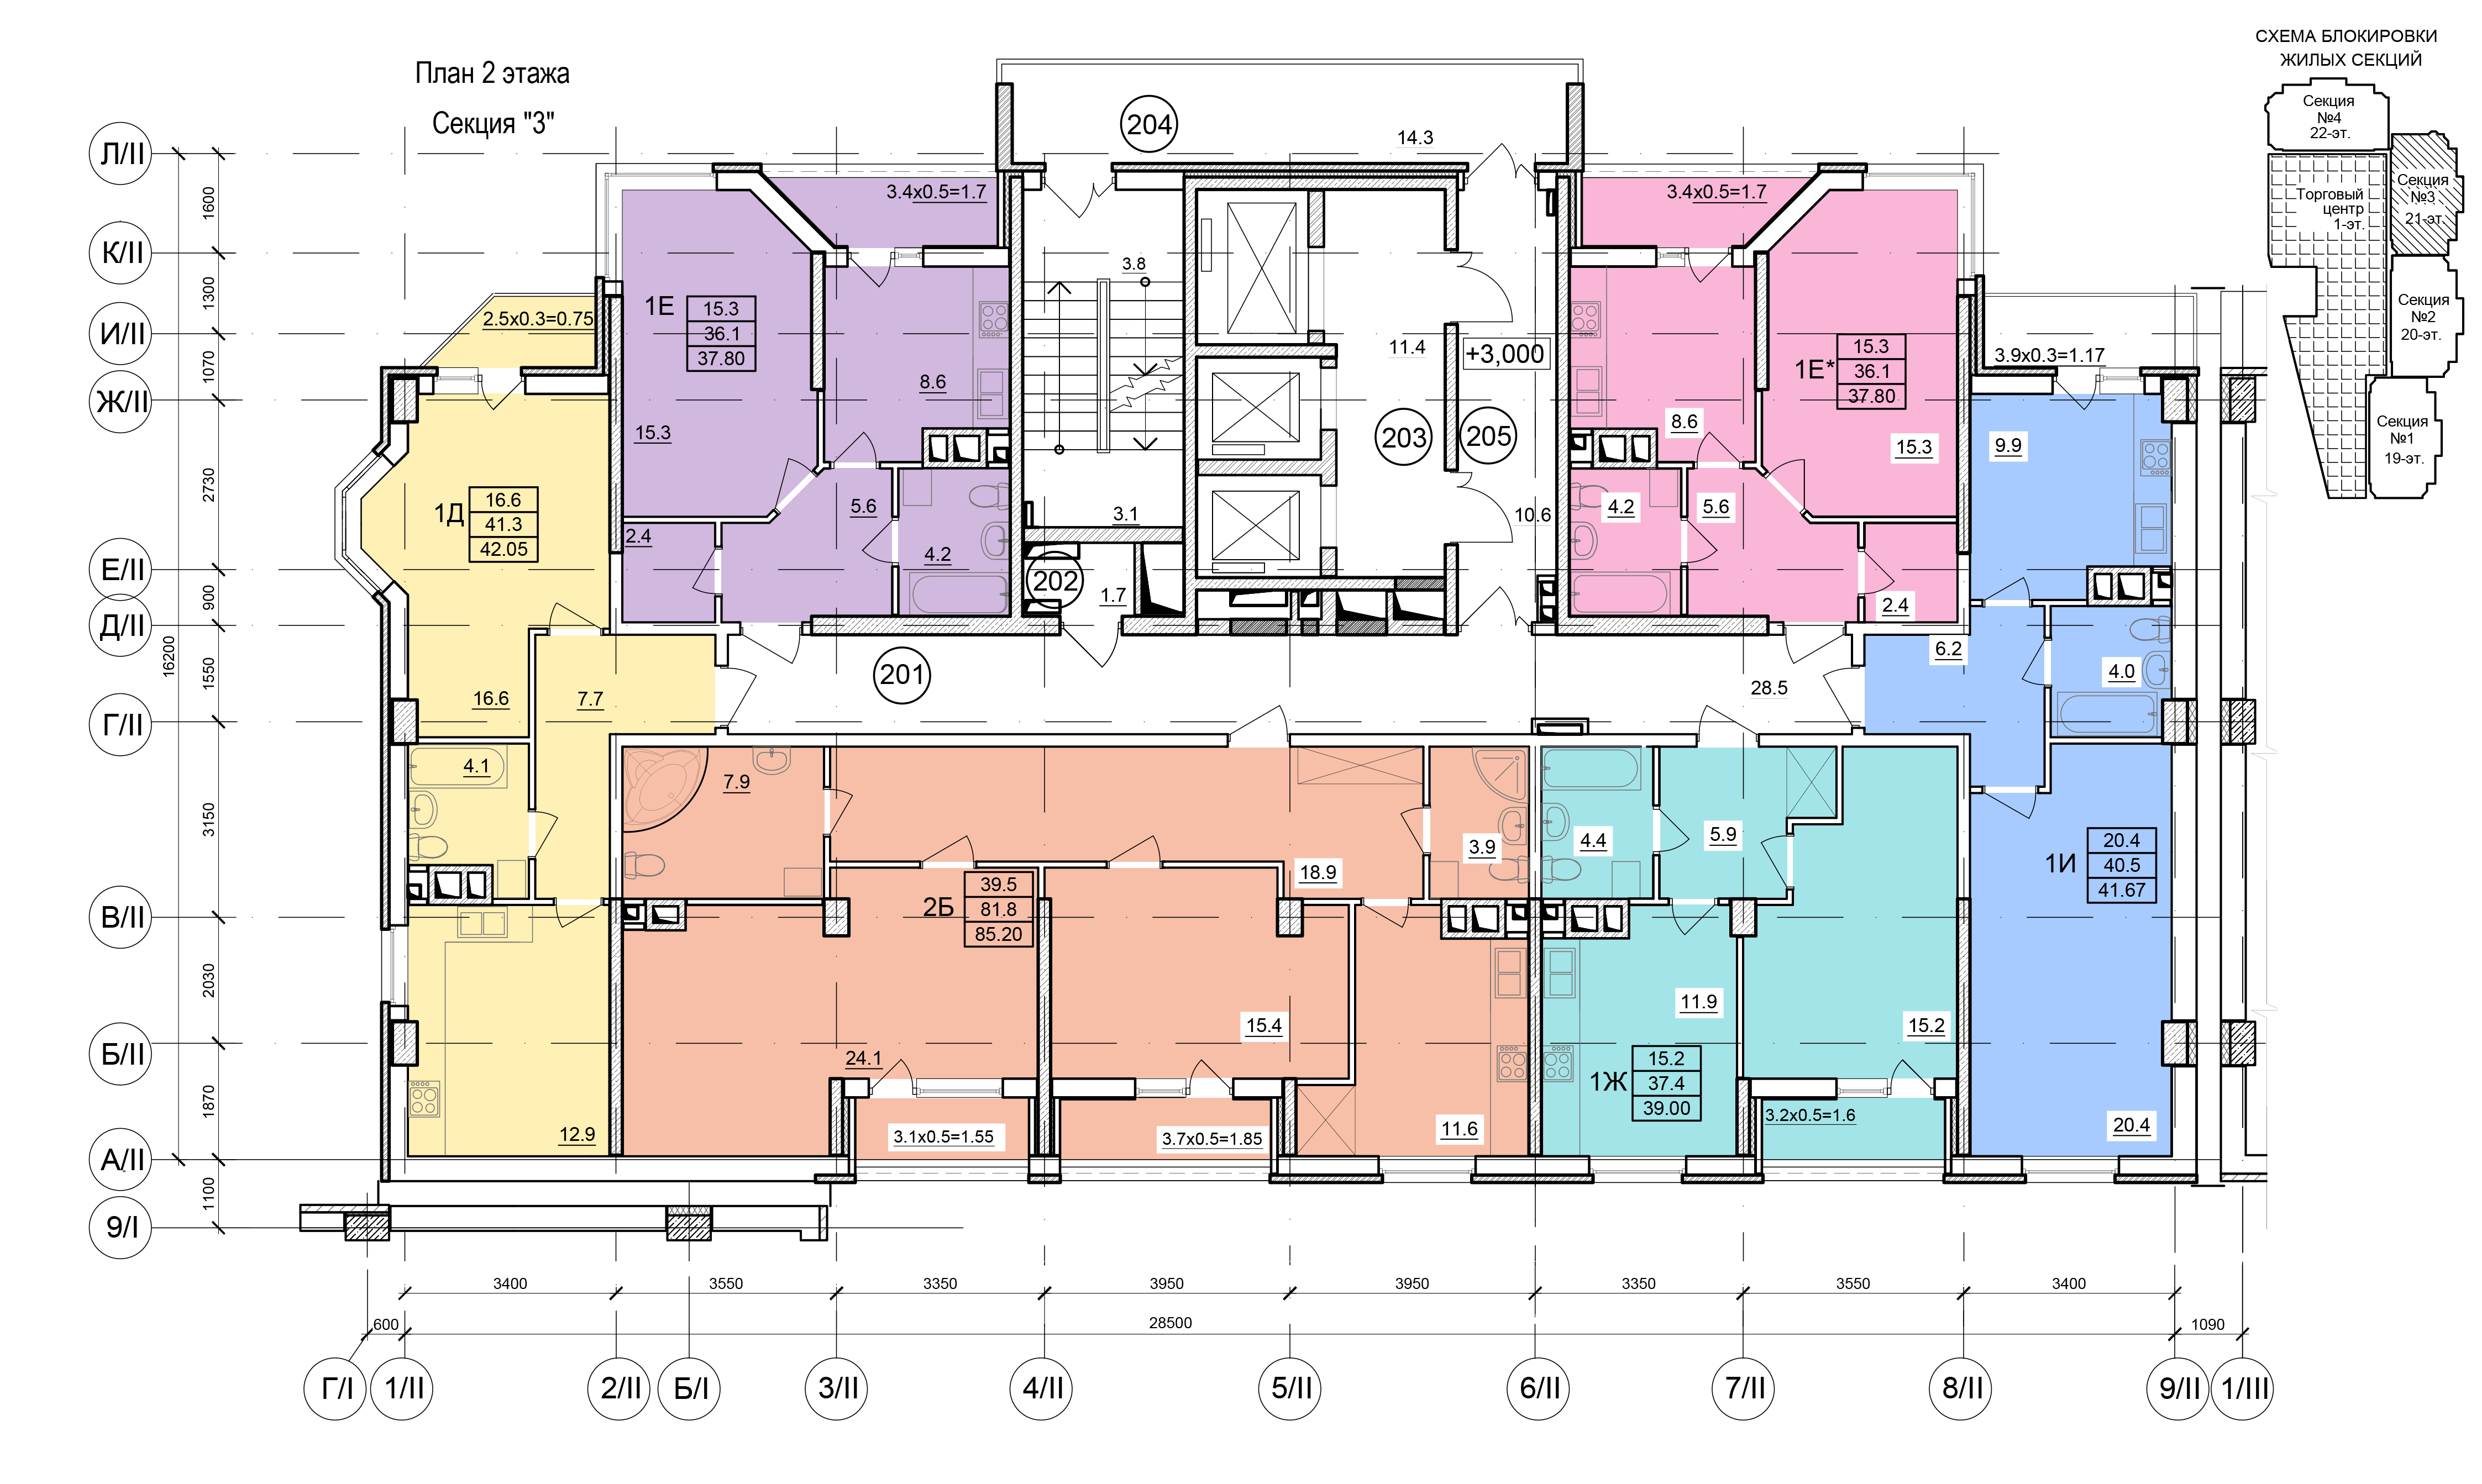 Планировки ЖК Балковский - Стикон. Секция 3, этаж 2